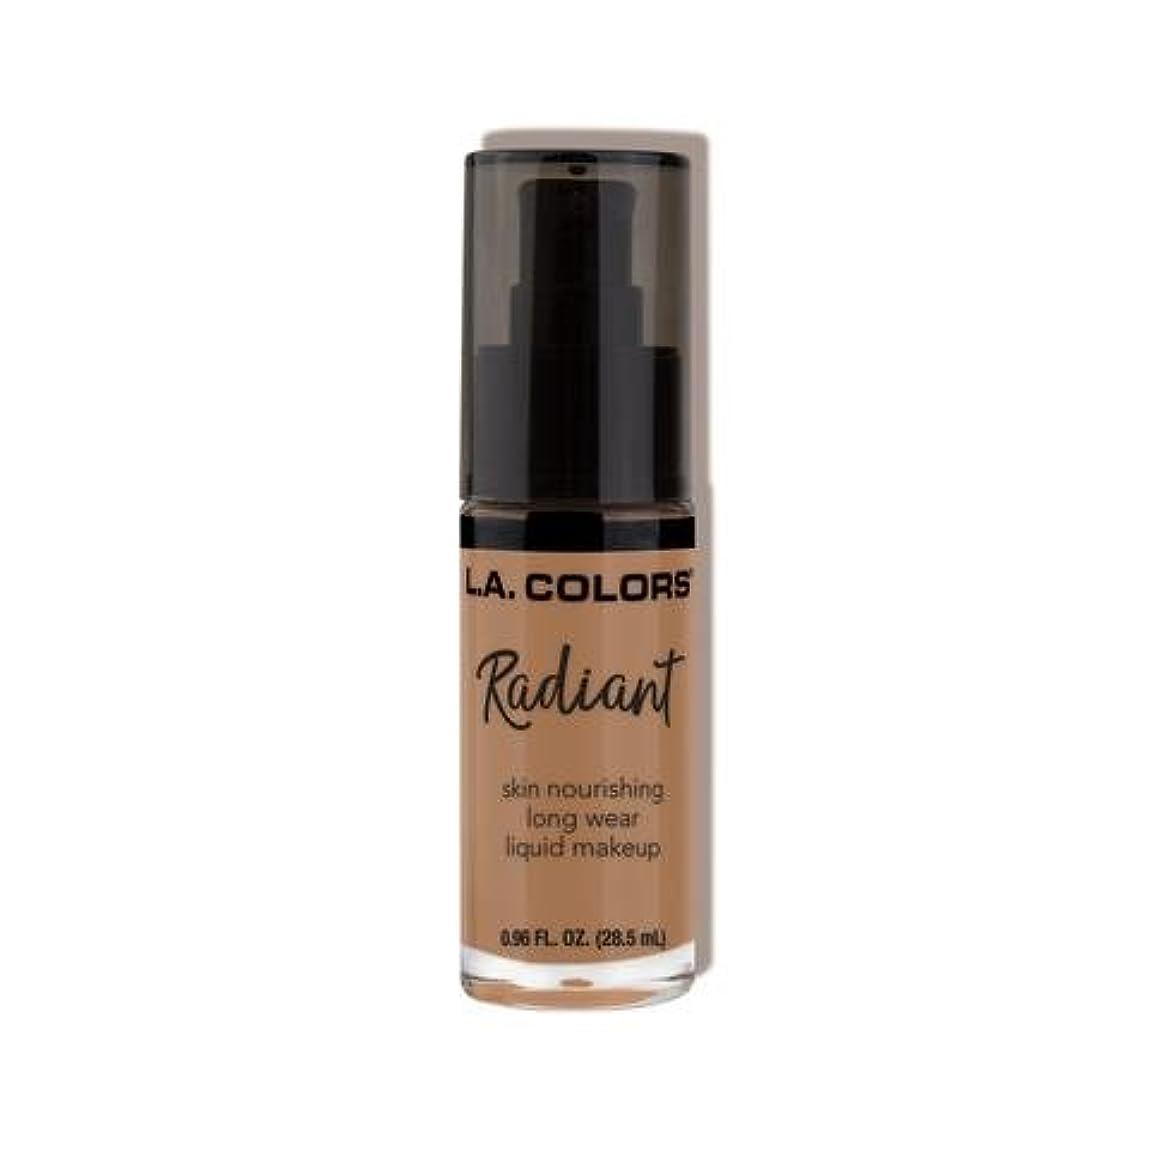 甘美なパキスタン消費者(6 Pack) L.A. COLORS Radiant Liquid Makeup - Creamy Cafe (並行輸入品)